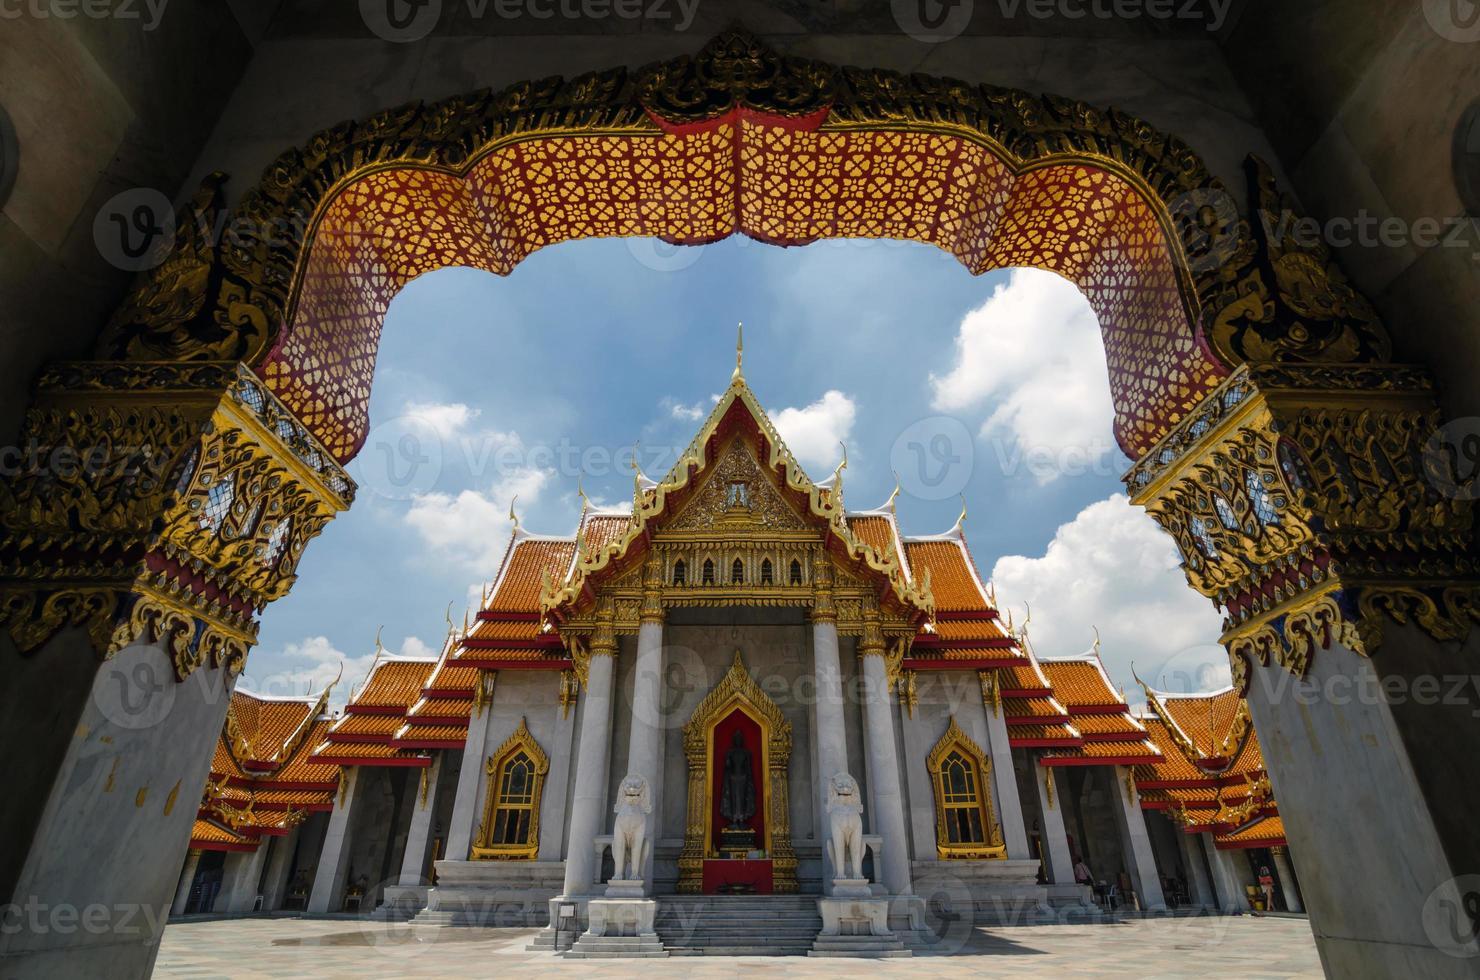 Wat benjamabophit-le temple de marbre à Bangkok, Thaïlande photo